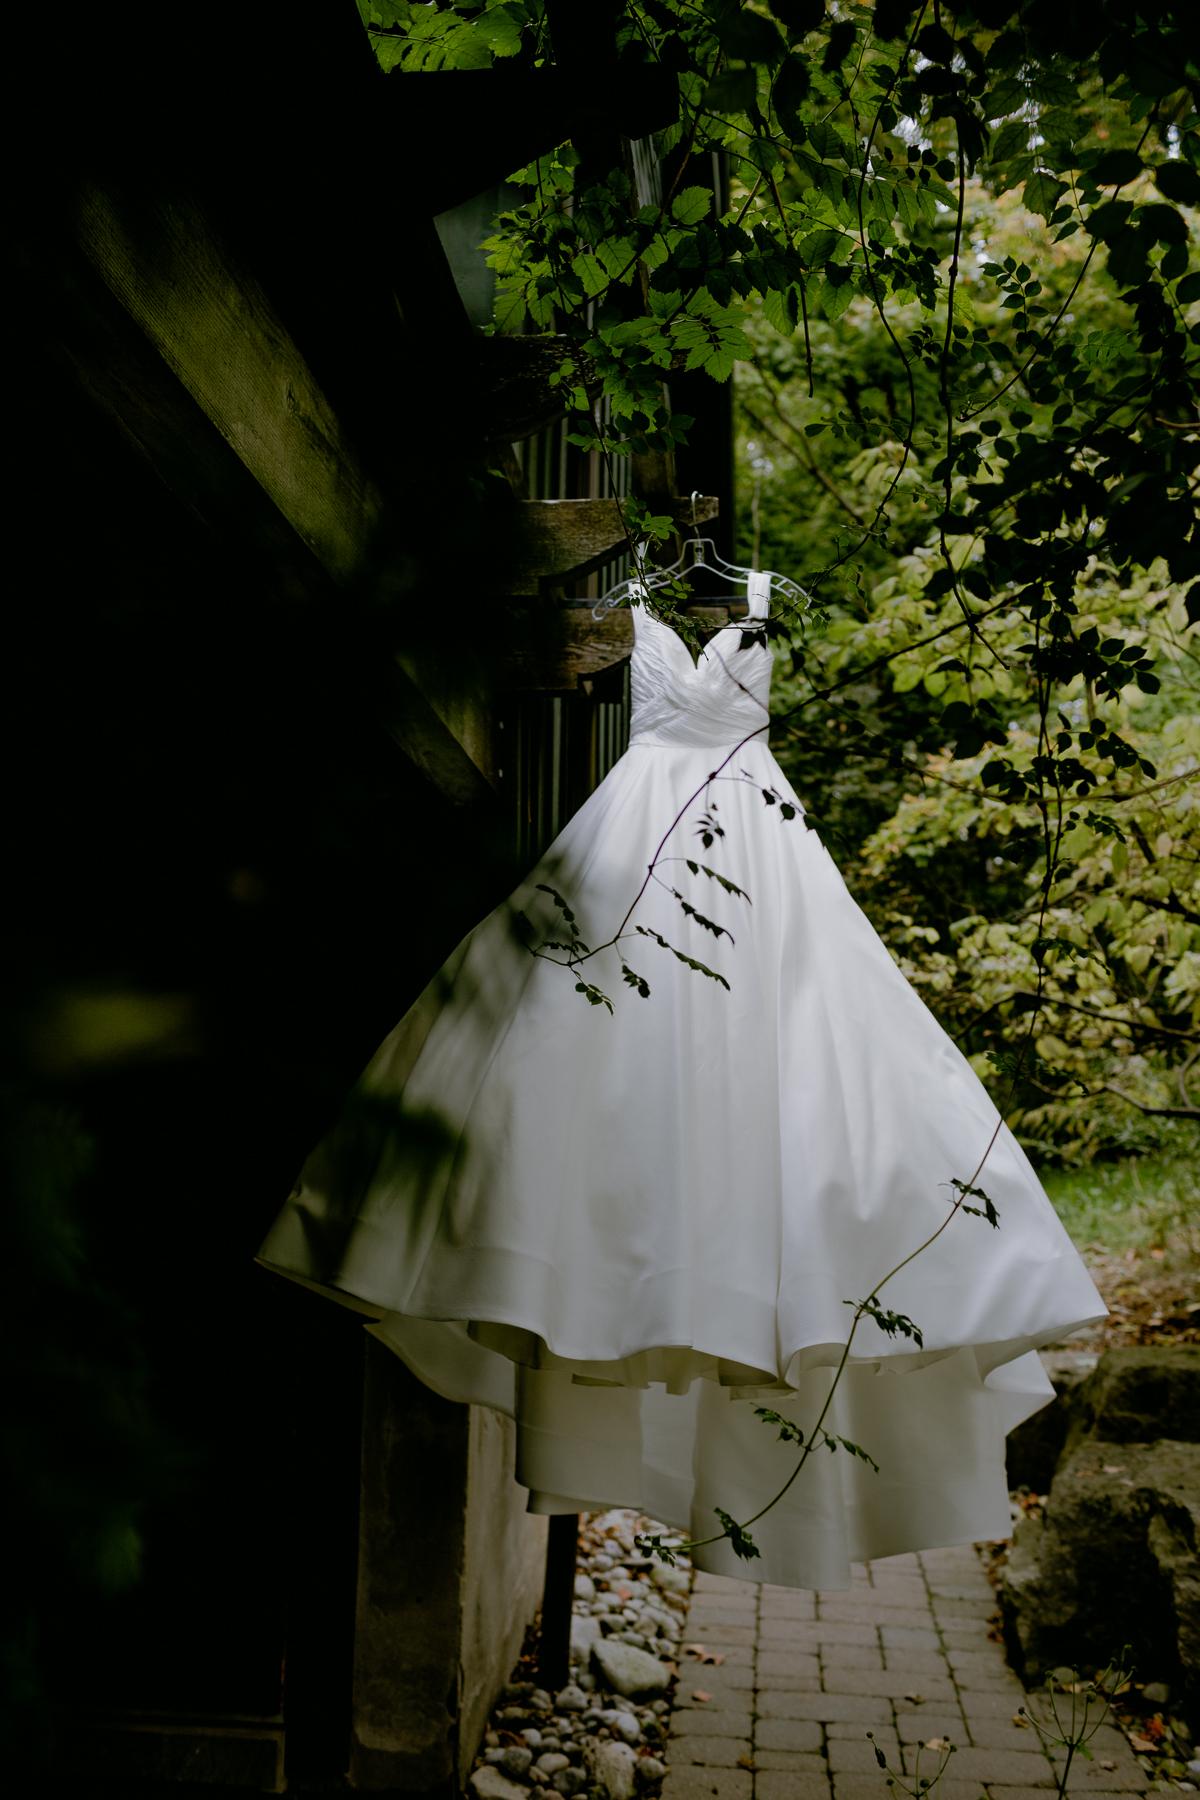 langdon-hall-wedding-markham-chinese-wedding-photographer 0013.jpg